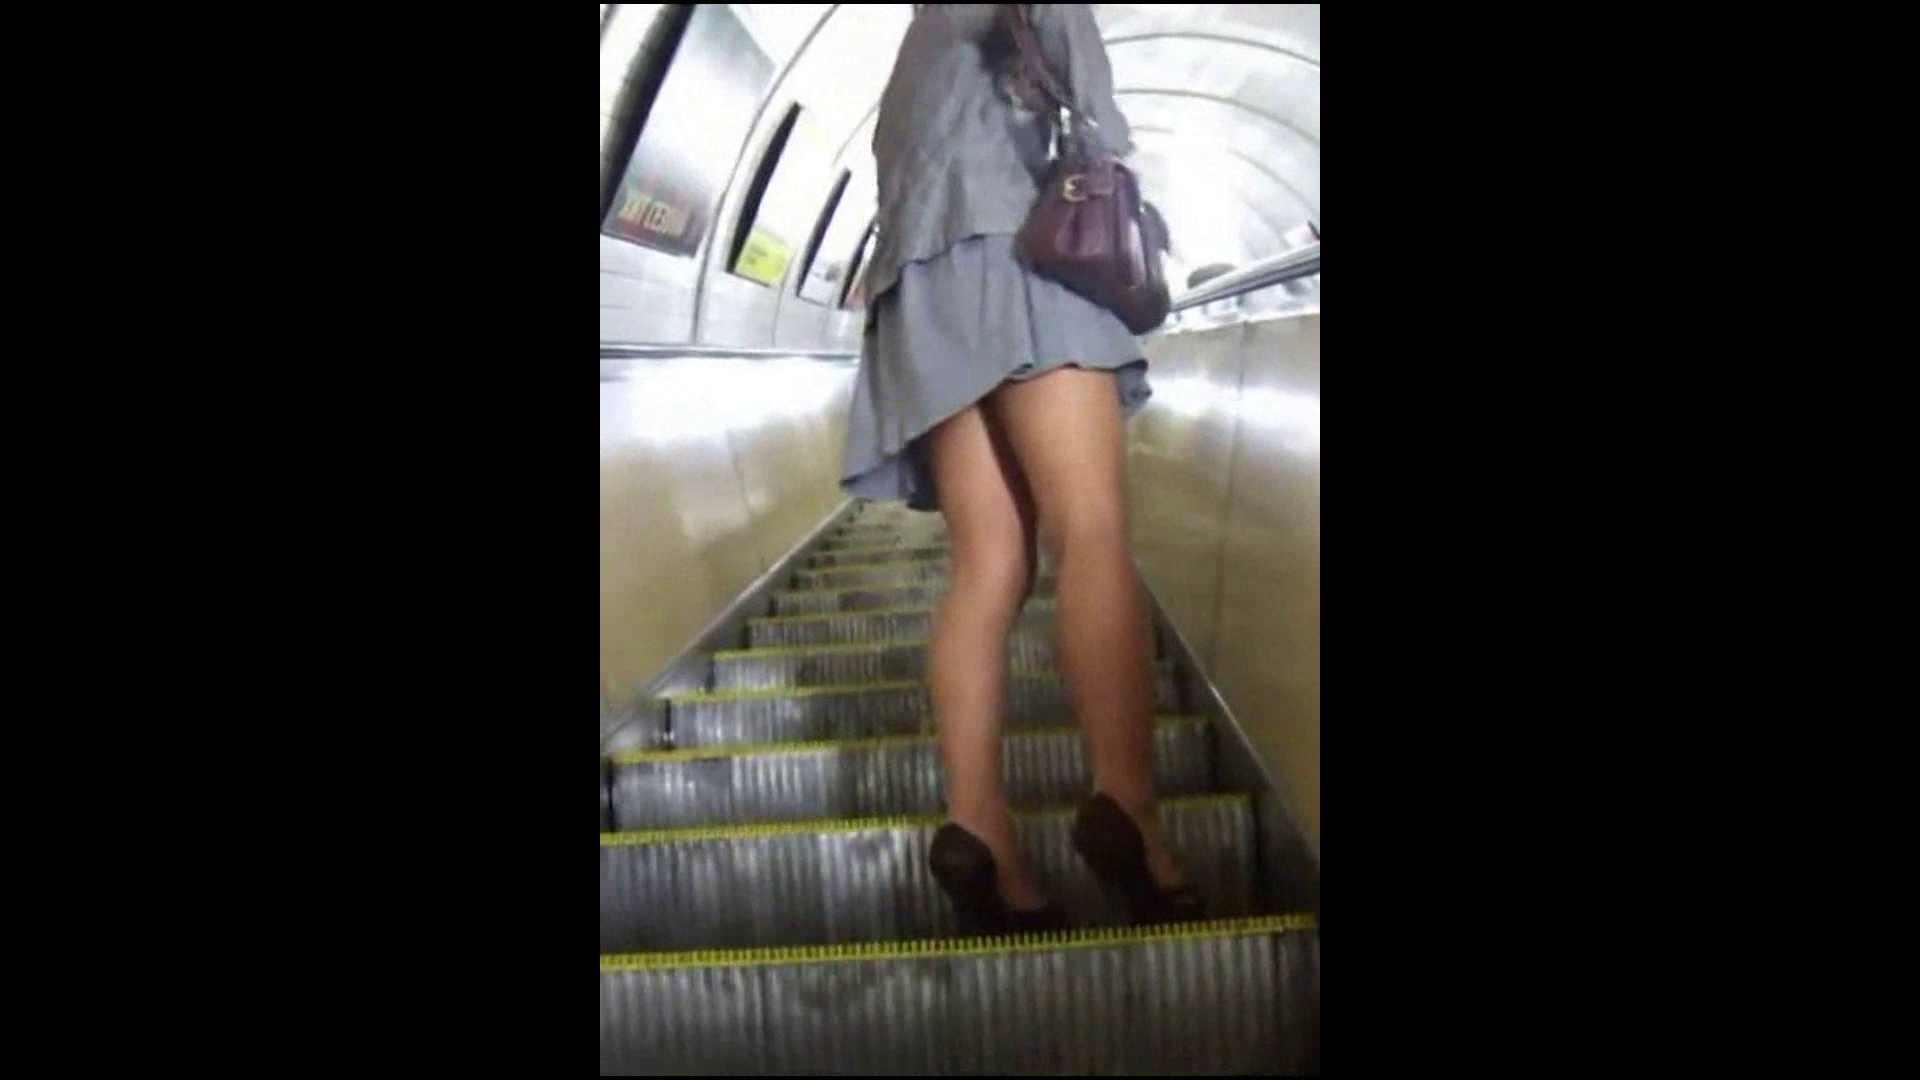 綺麗なモデルさんのスカート捲っちゃおう‼vol06 美しいOLの裸体  103pic 54